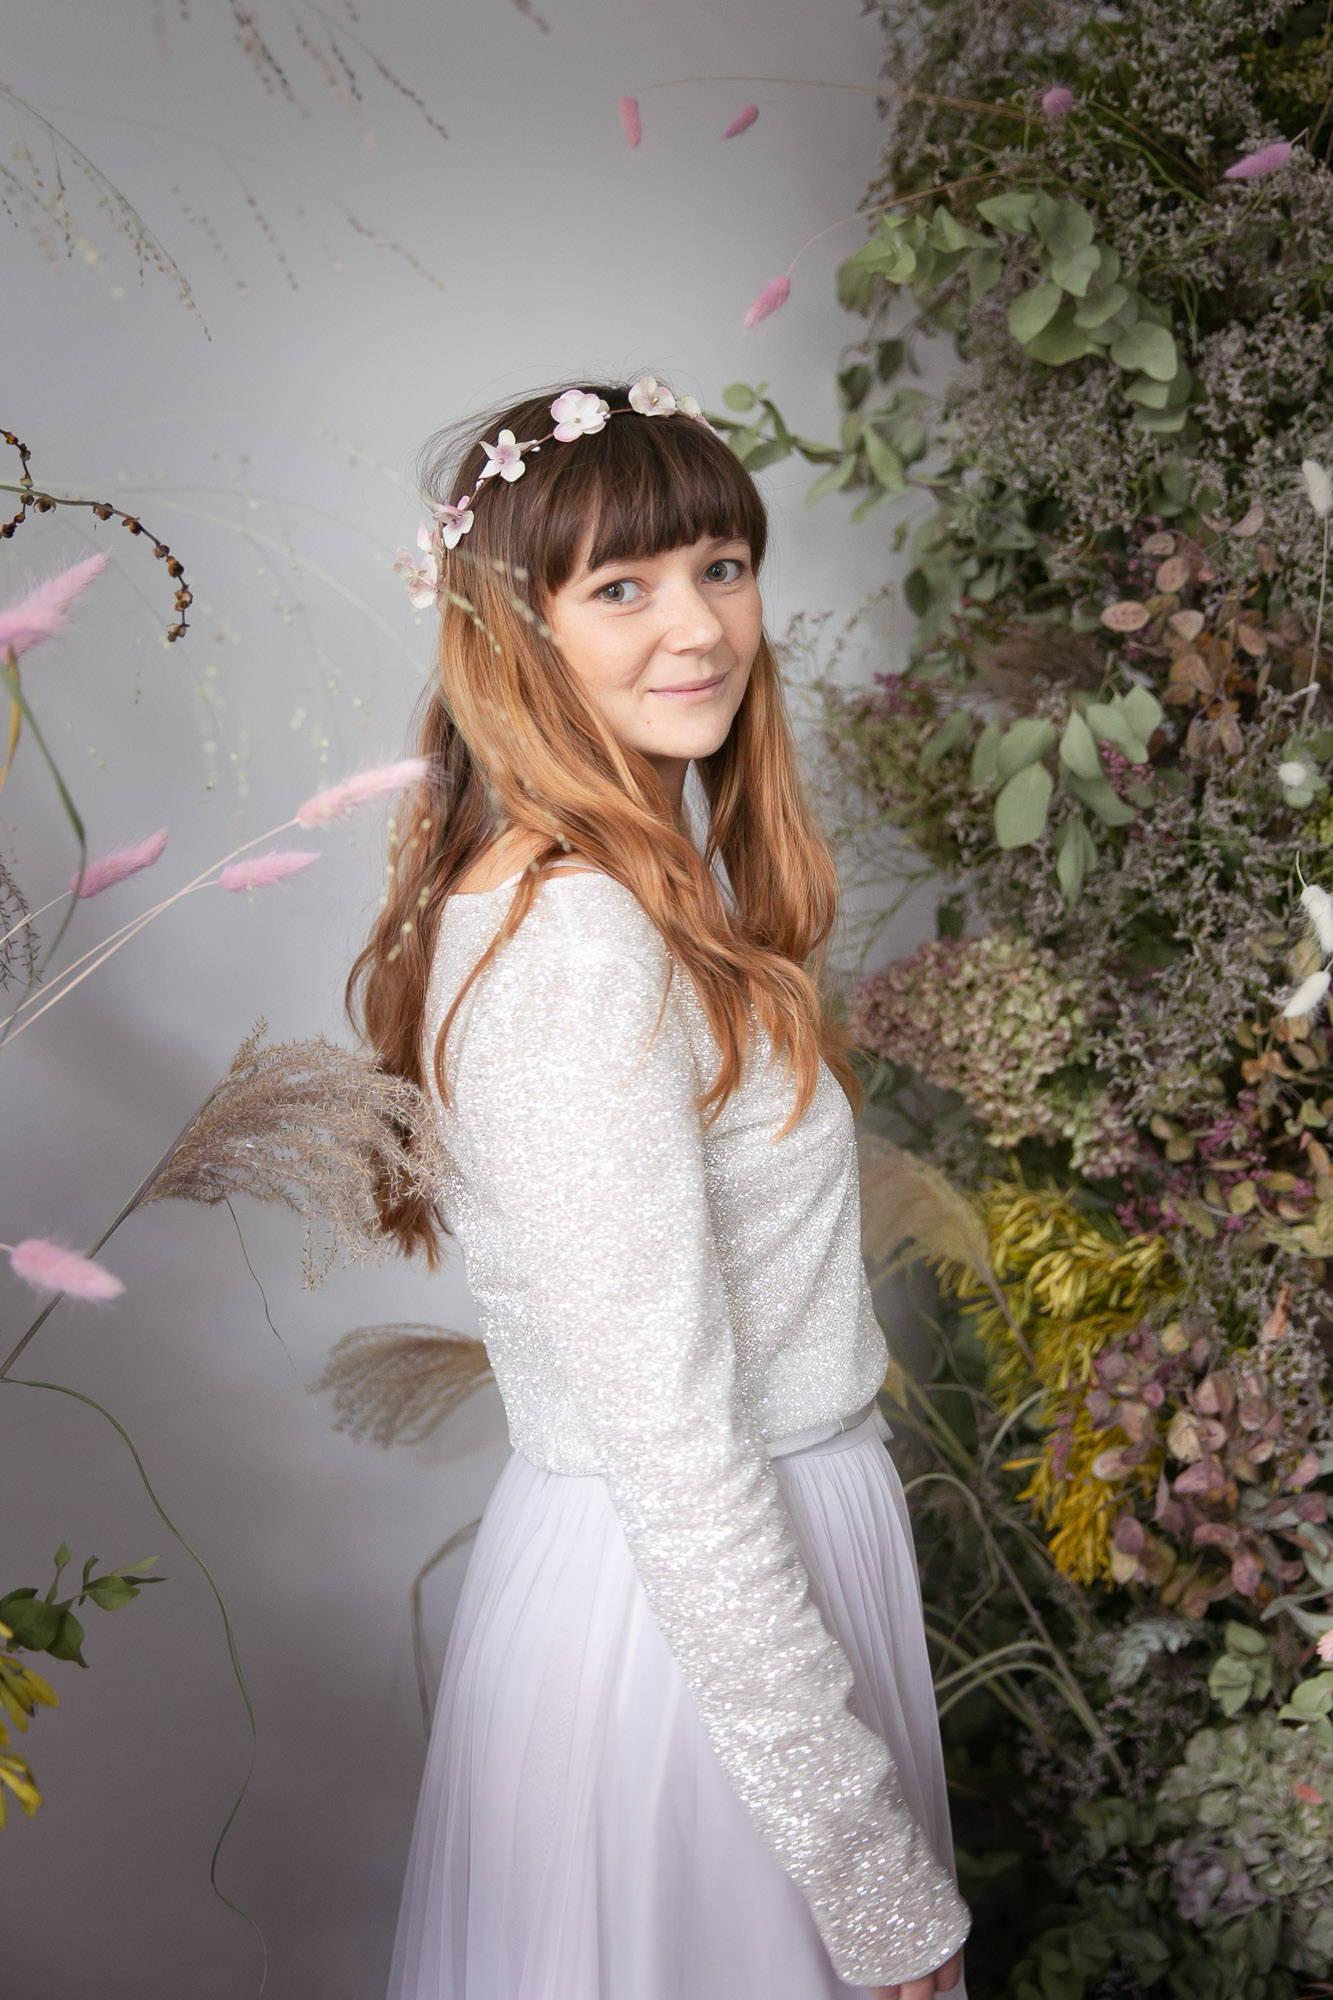 noni Brautkleider, modernes Brautkleid mit Glitzer-Top und kurzem Tüllrock